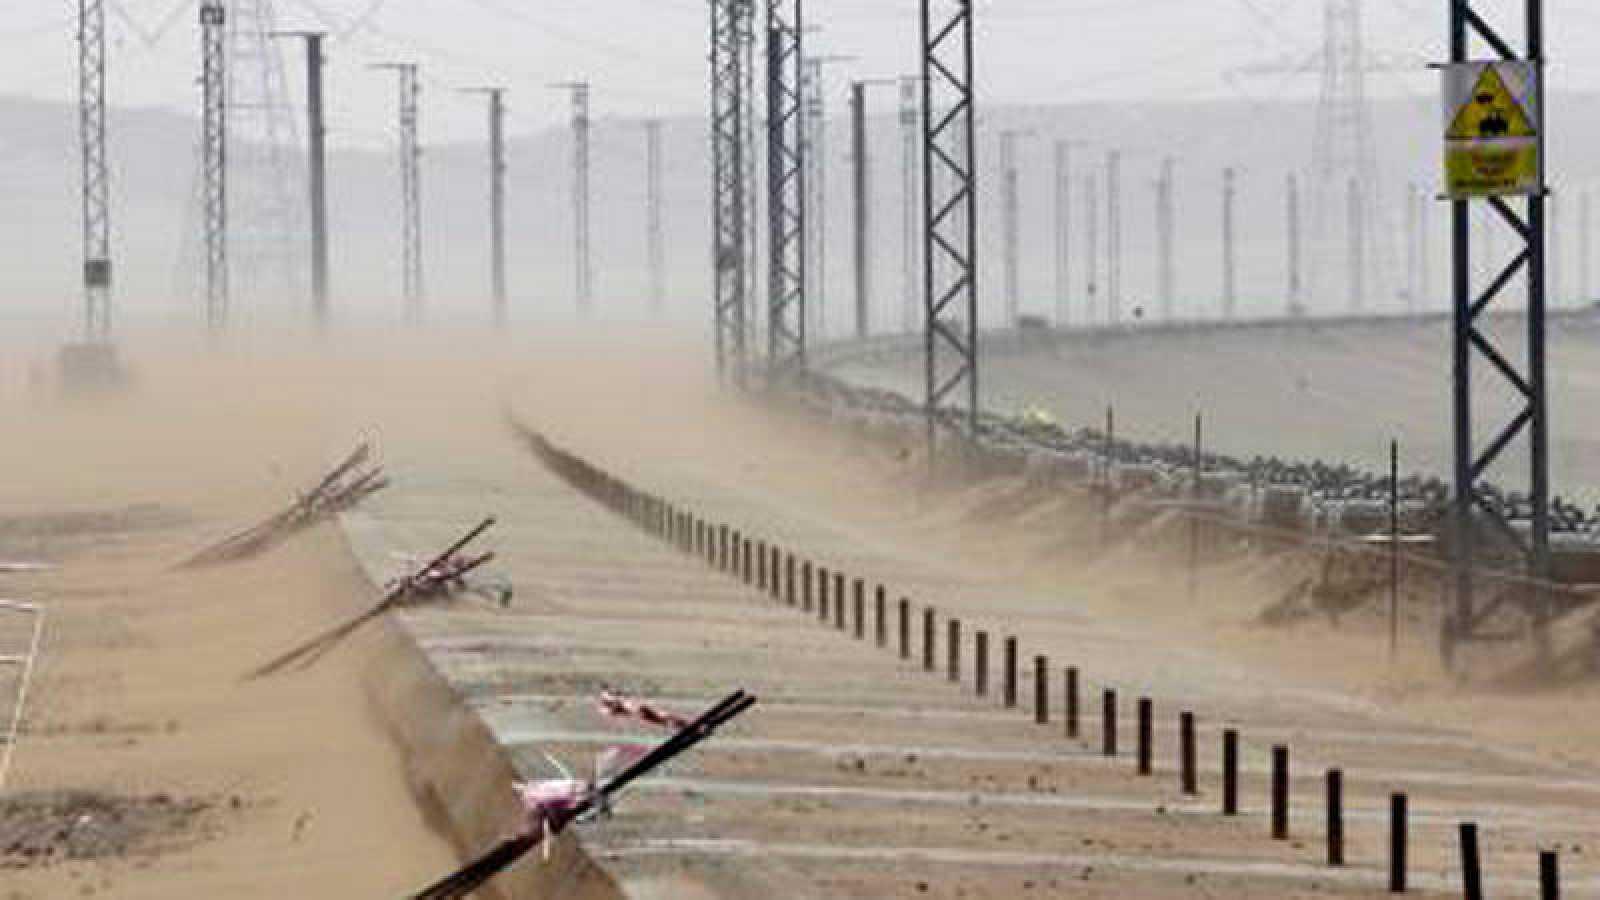 Vista de las obras del proyecto del tren de alta velocidad que unirá La Meca con la ciudad de Medina